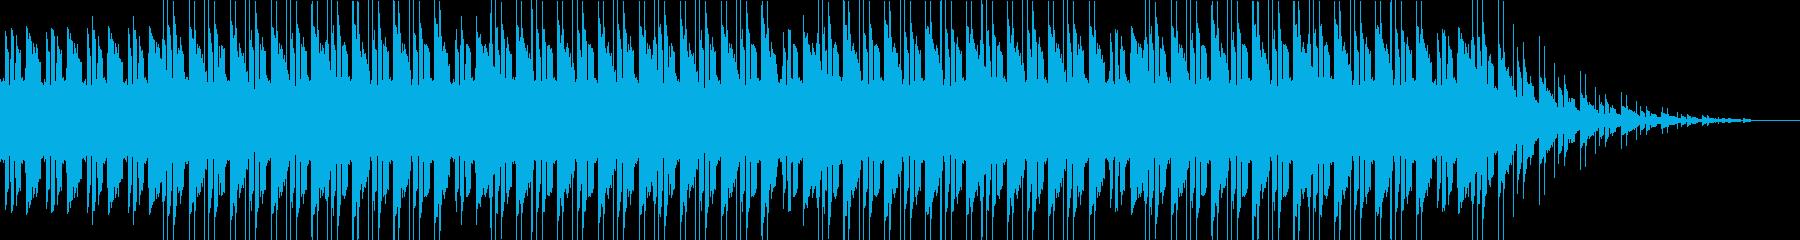 不穏な空気のトラップ・ヒップホップの再生済みの波形